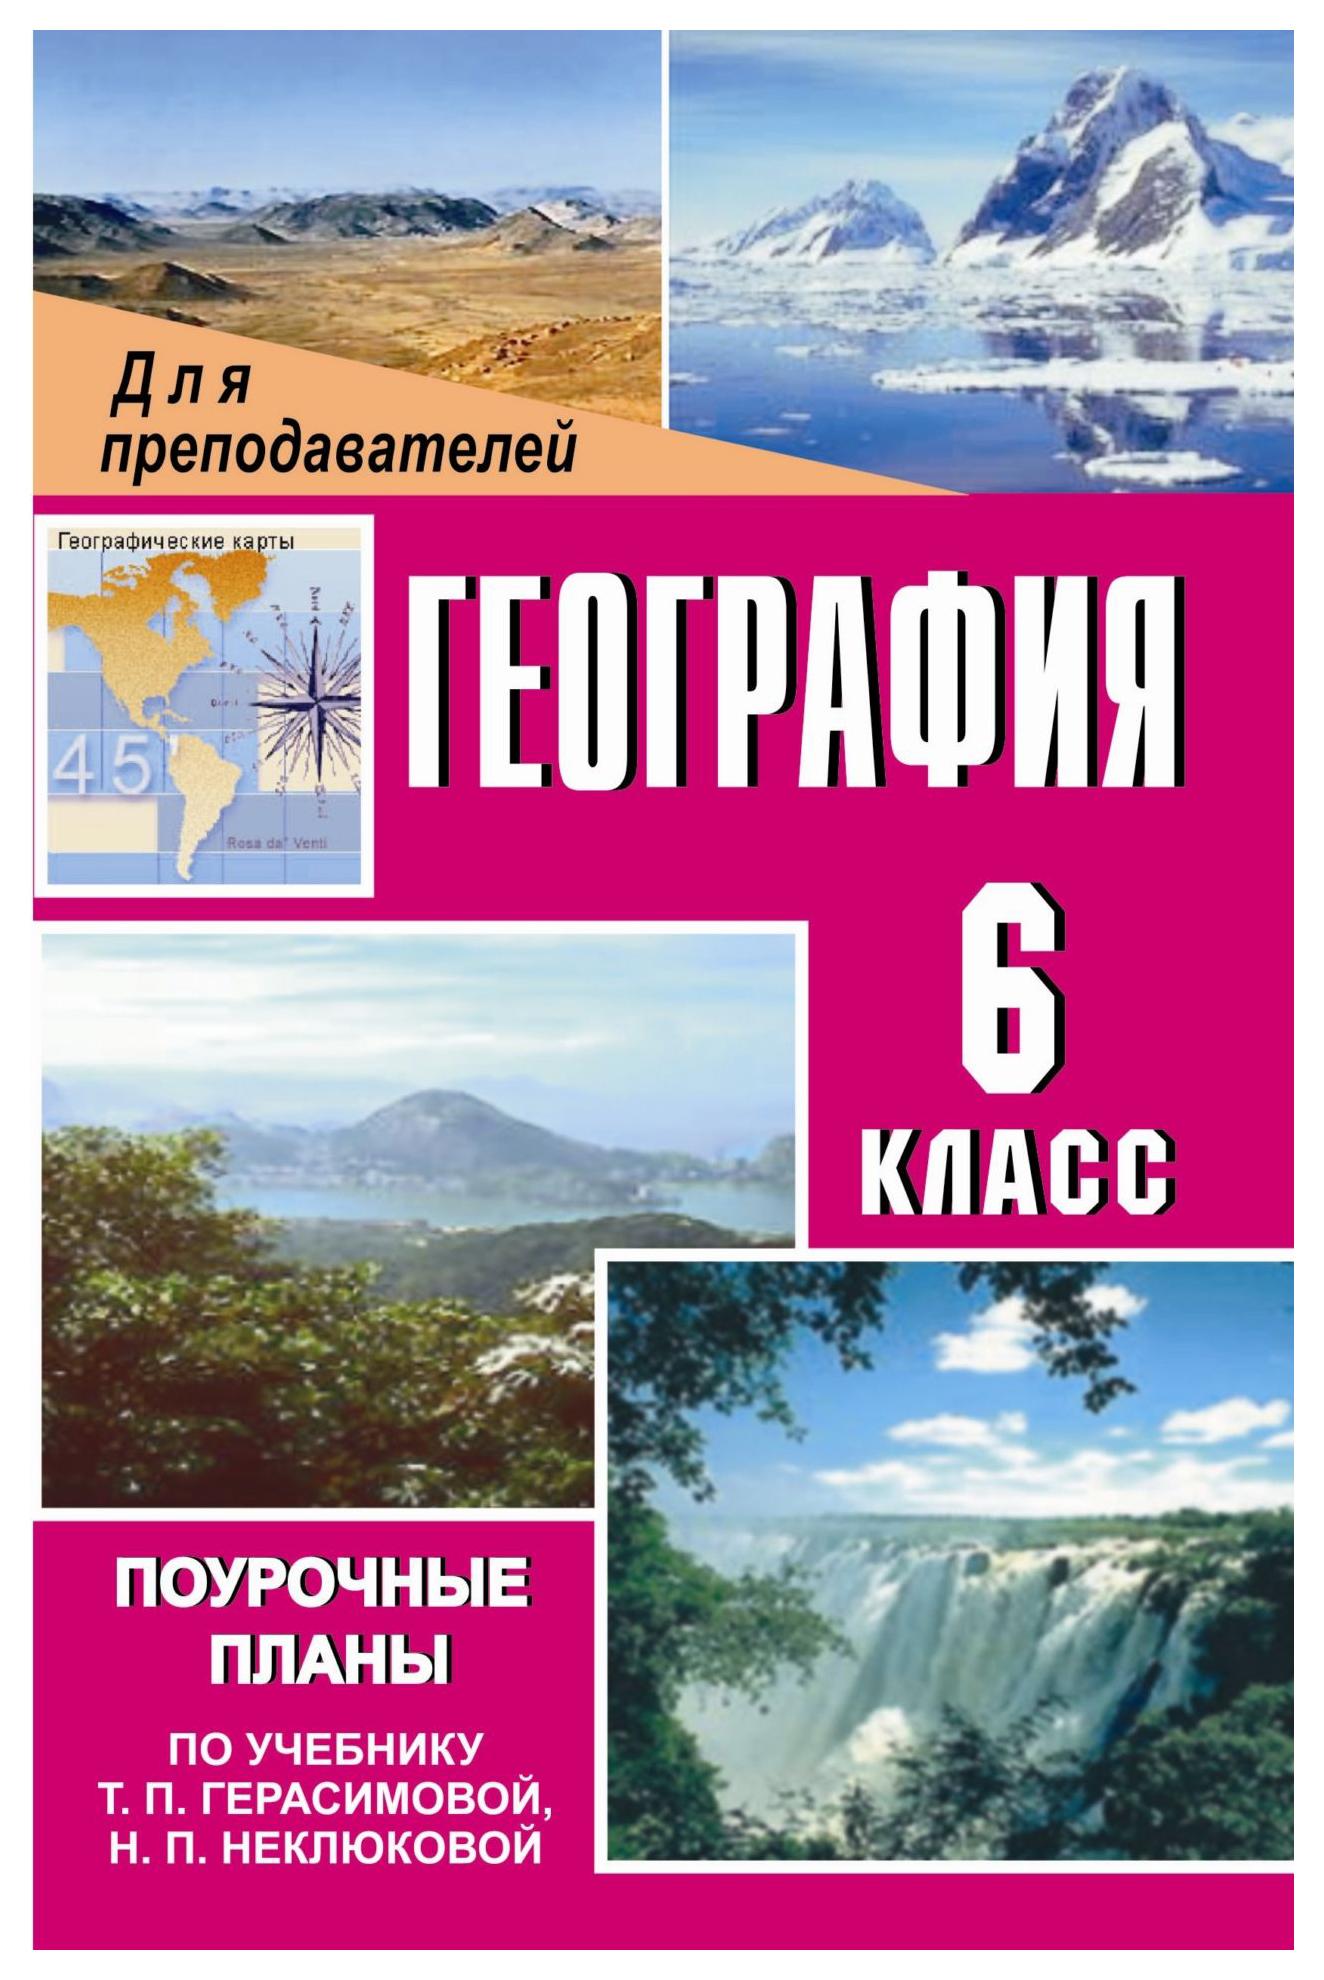 География. 6 класс: поурочные планы по учебнику Т. П. Герасимовой, Н. П. Неклюковой